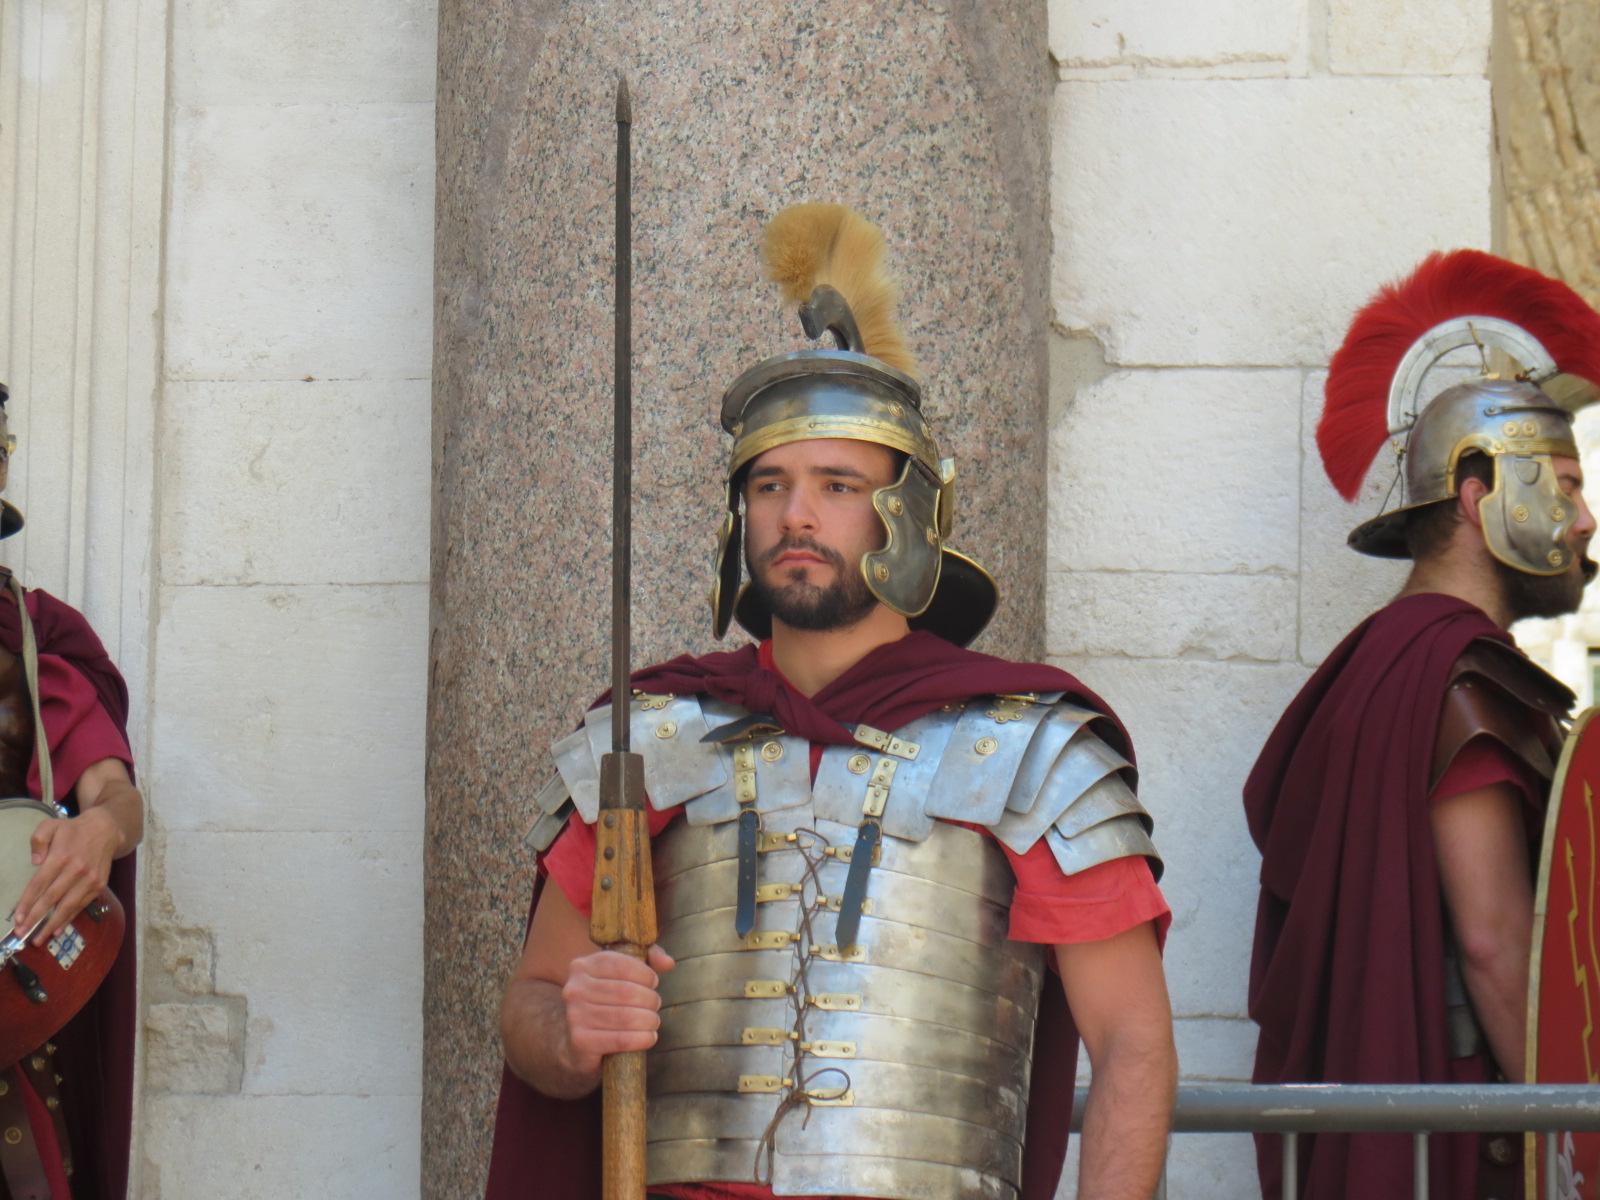 Assistir à encenação cafona que acontece a cada meio-dia no Palácio de Diocleciano em Spli tem lá as suas vantagens